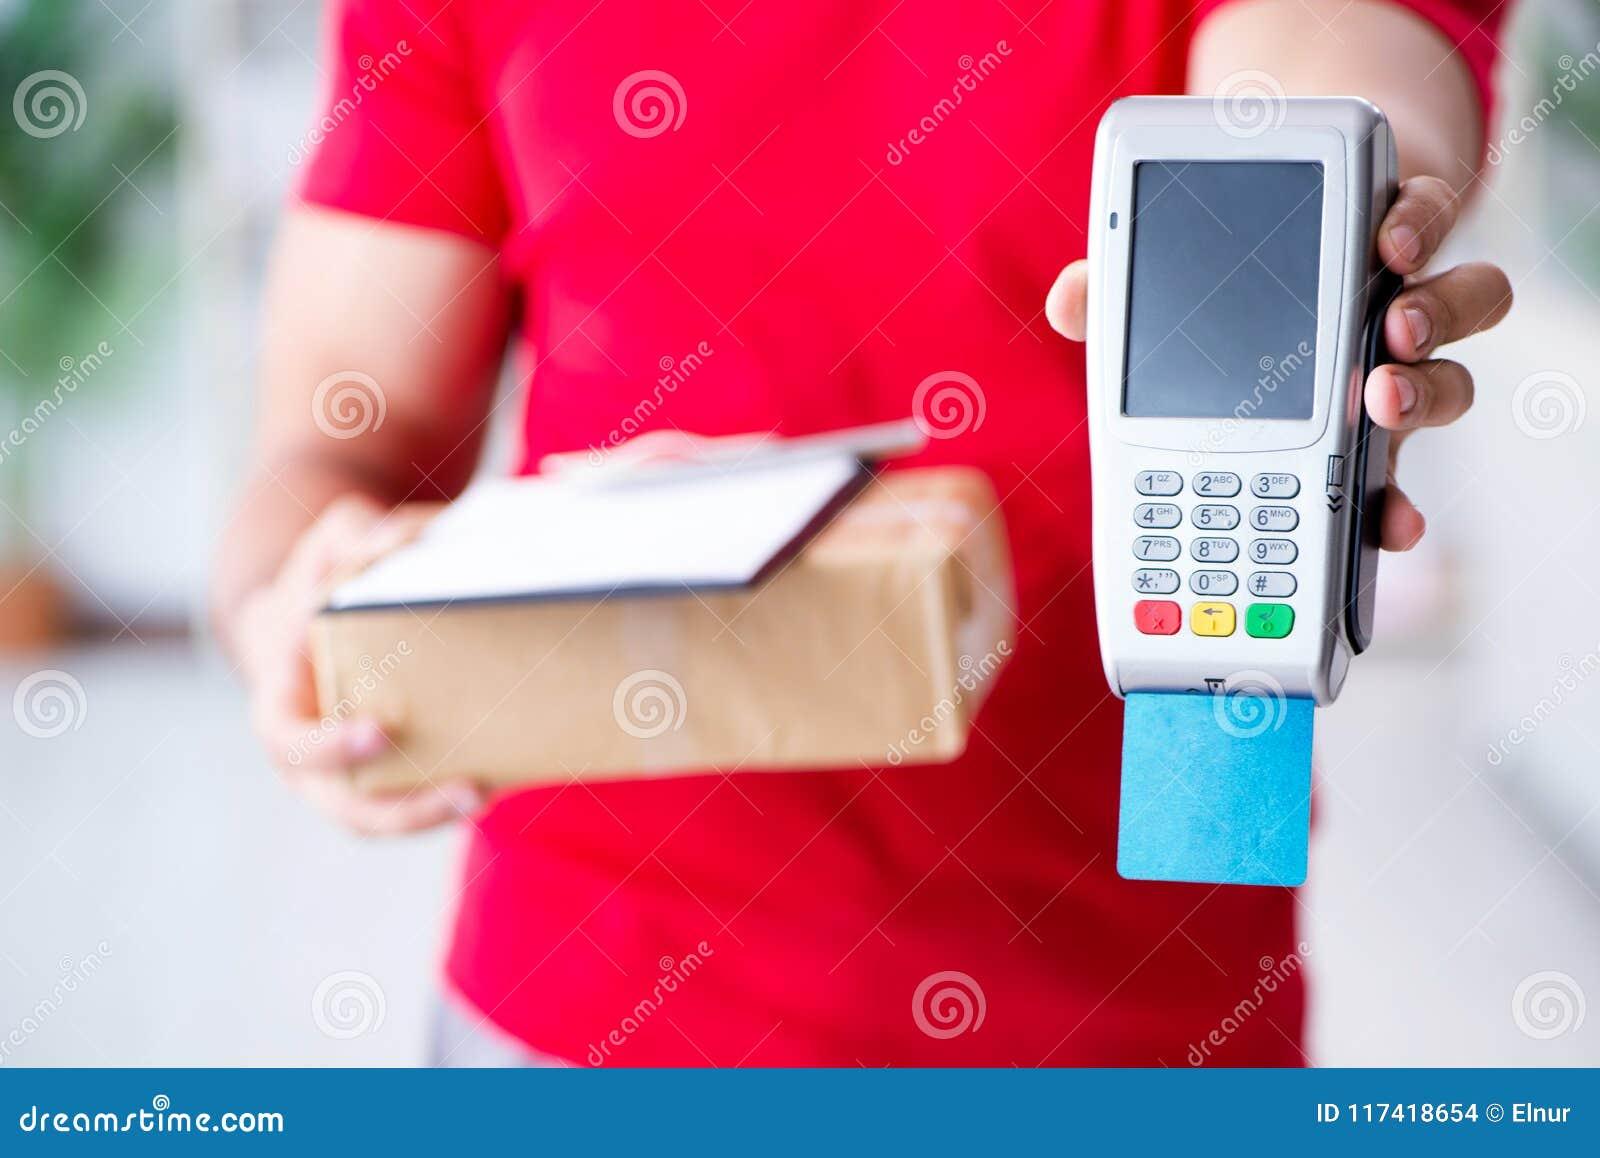 De pakketlevering die met pos en creditcard worden betaald